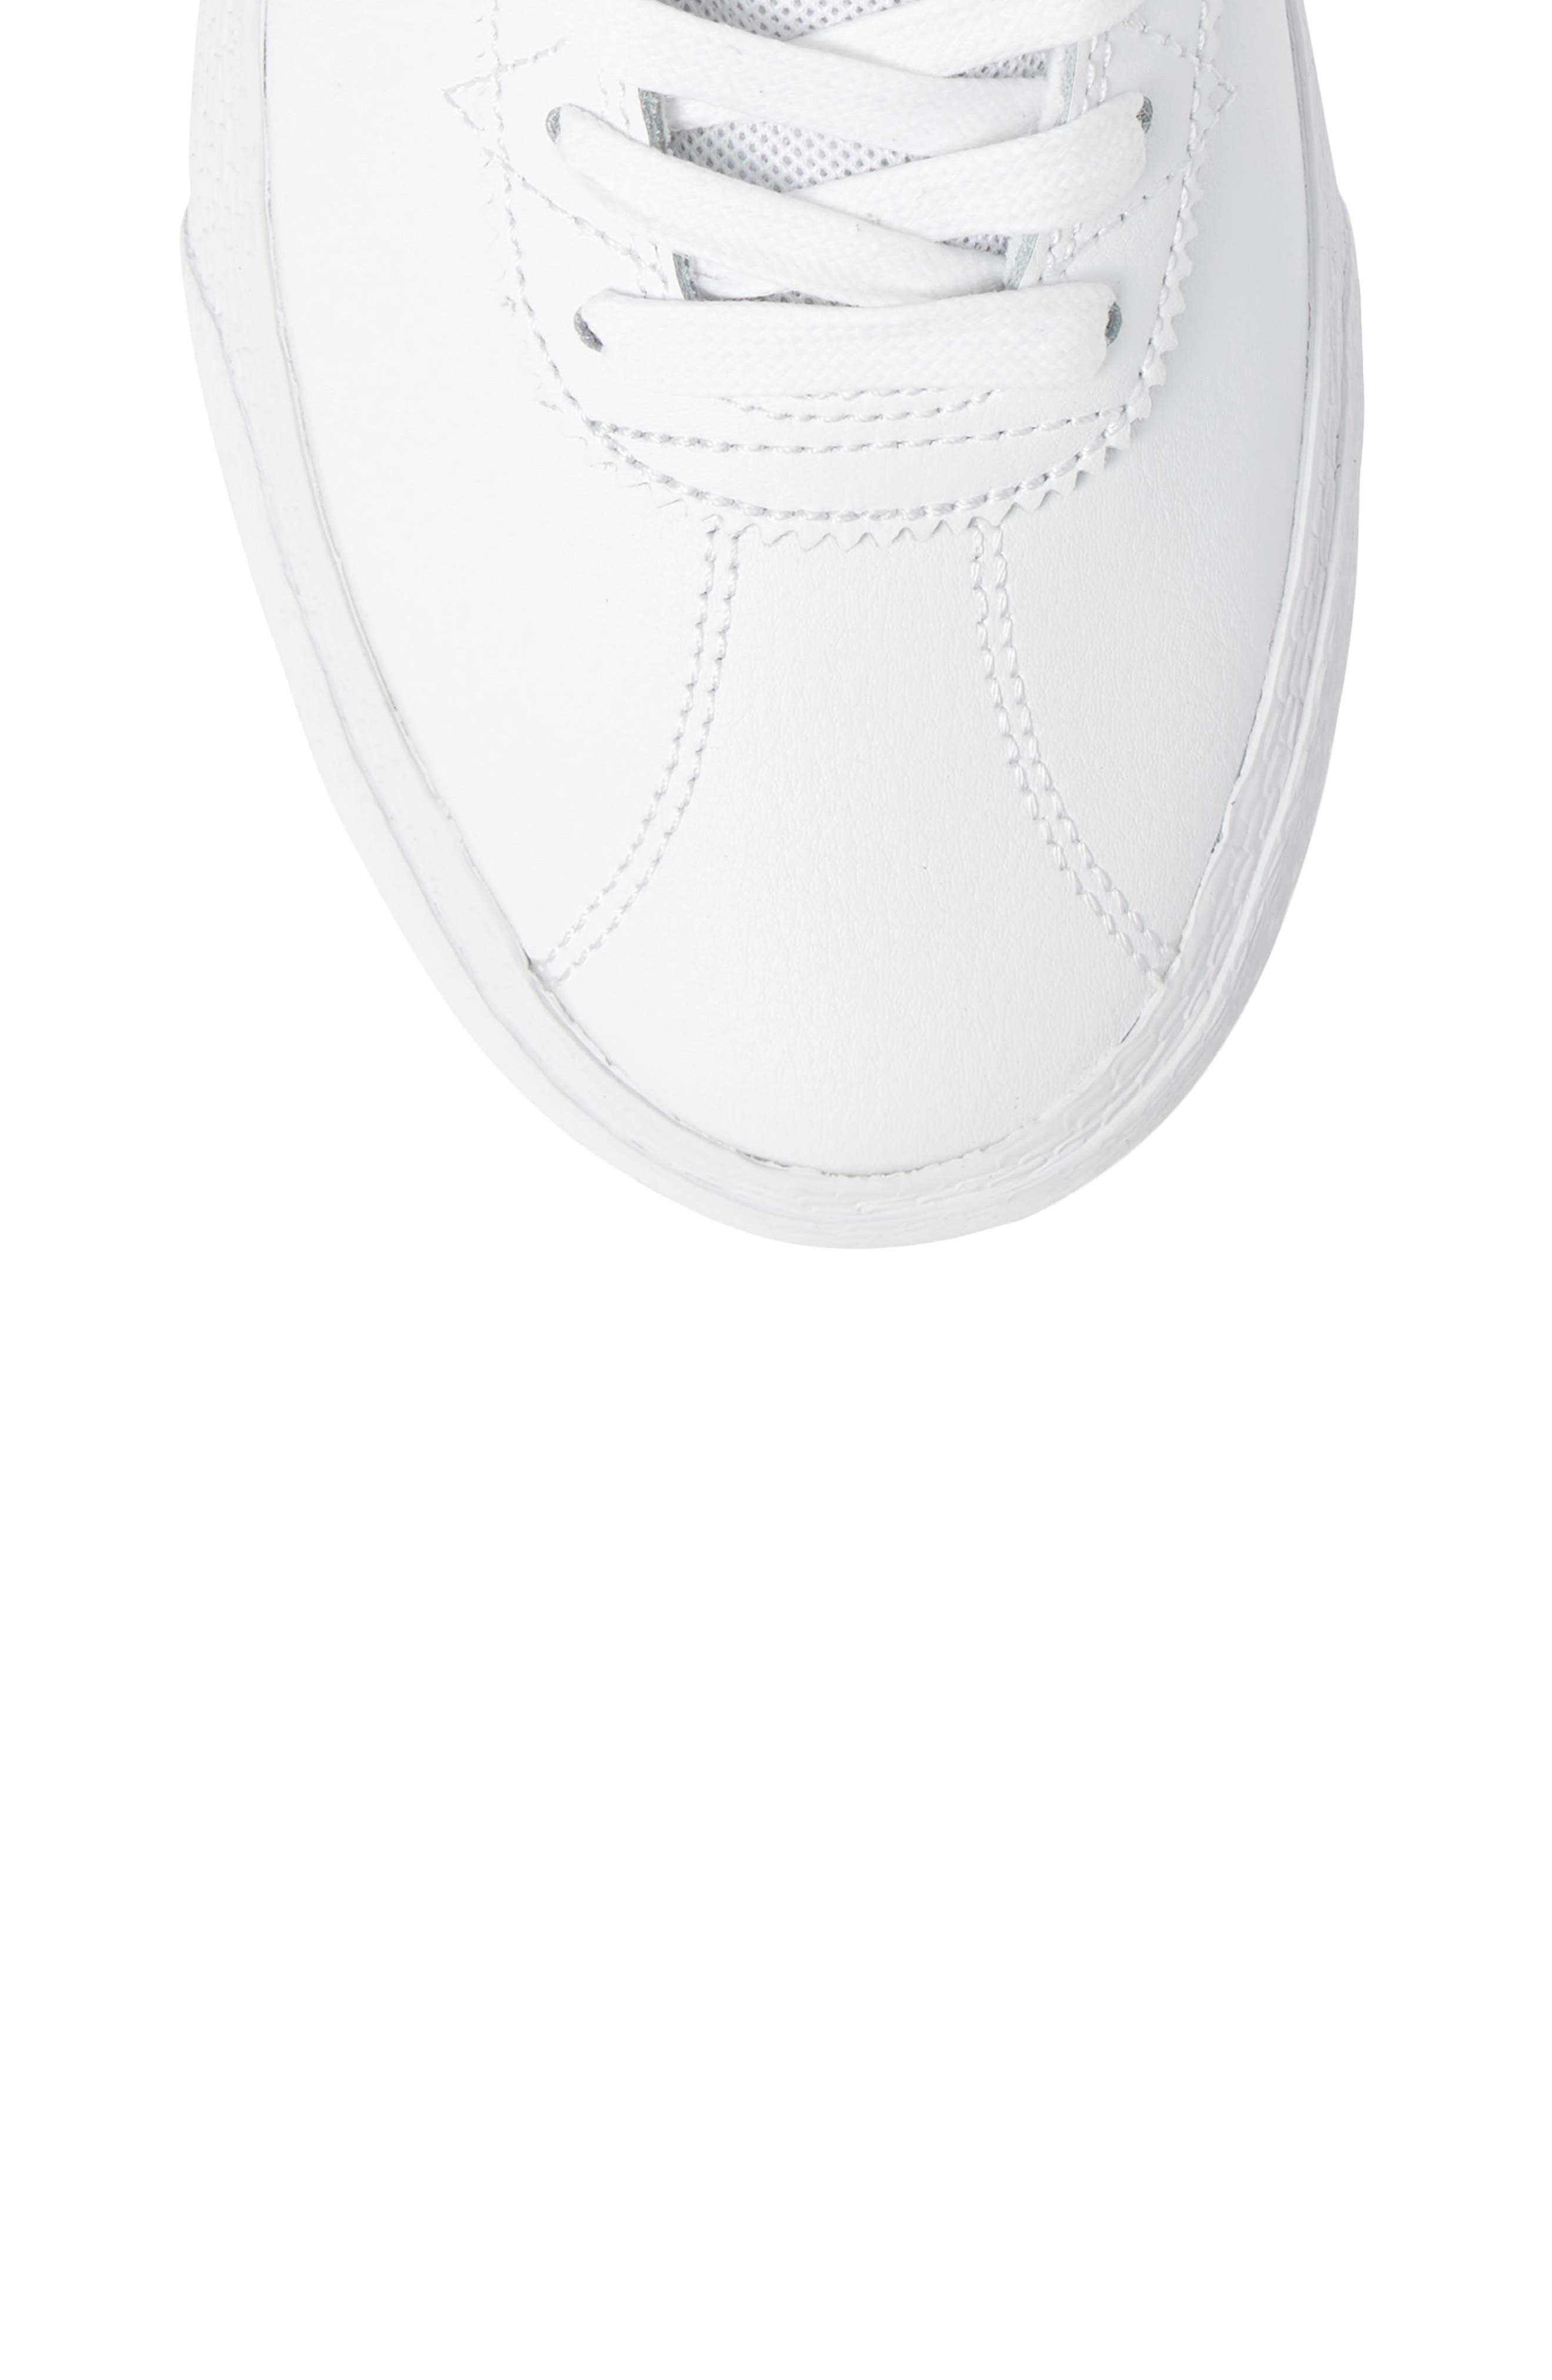 SB Bruin Hi Skateboarding Sneaker,                             Alternate thumbnail 5, color,                             WHITE/ WHITE/ VAST GREY